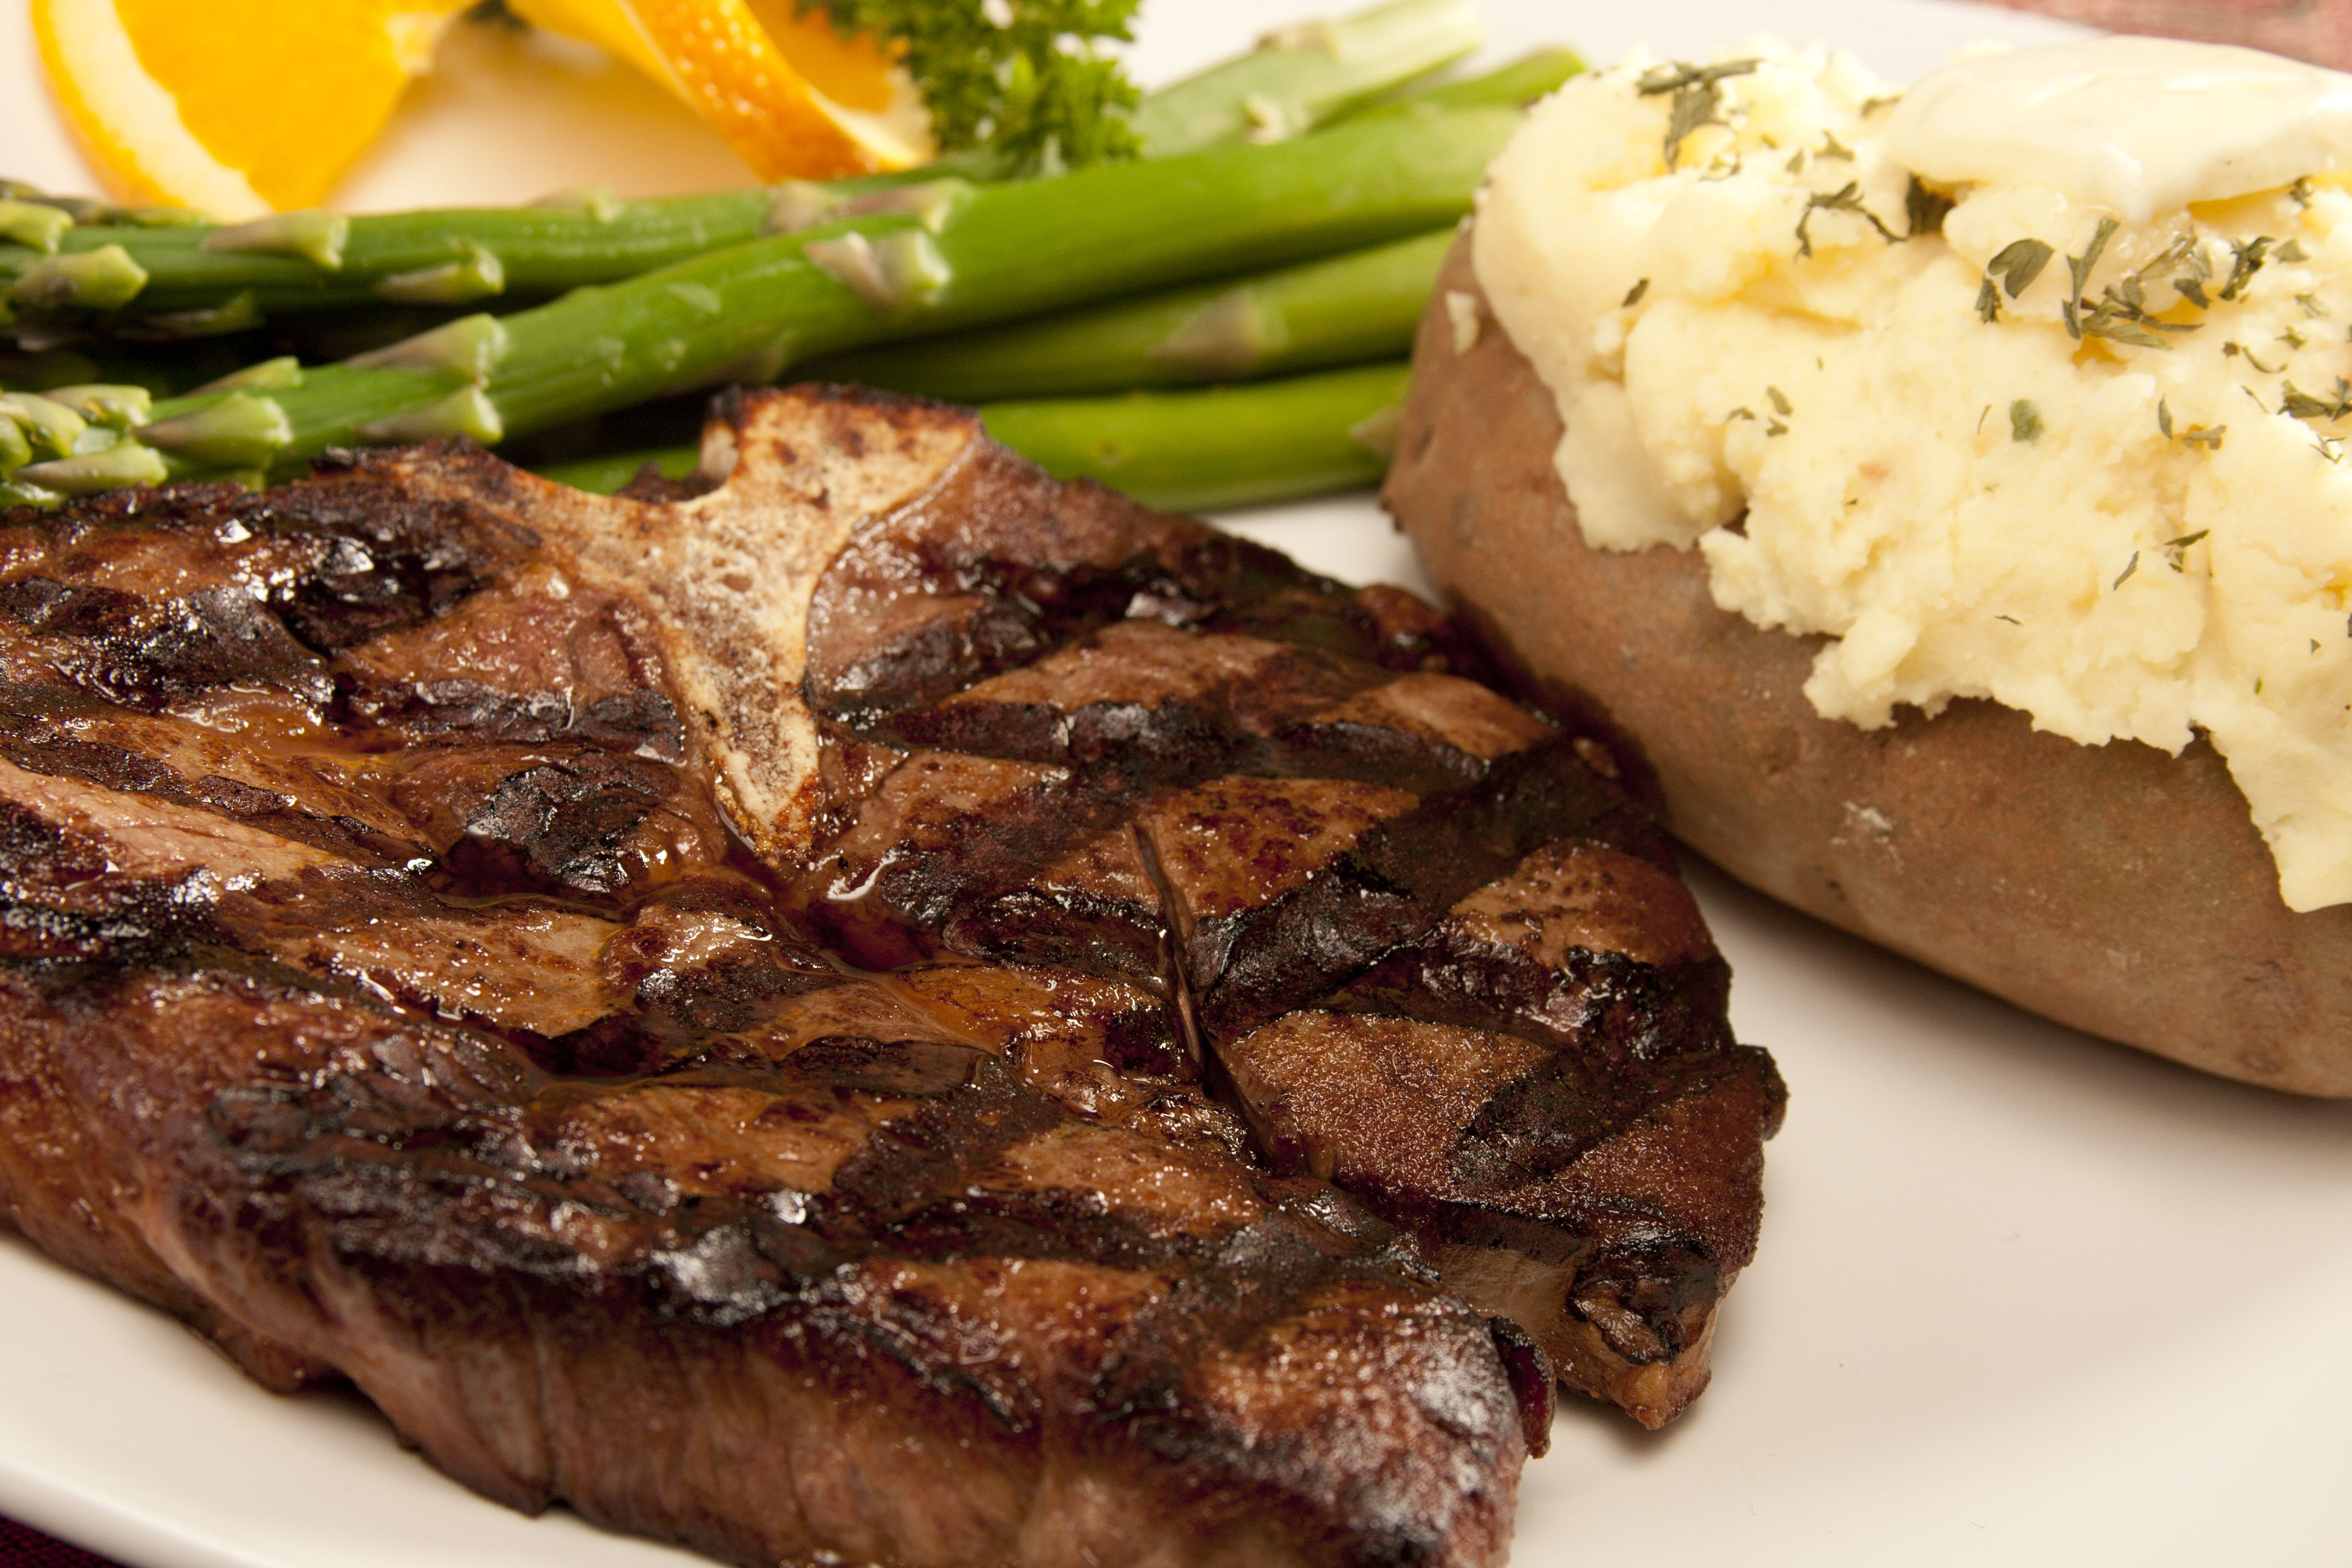 images of steak dinner - photo #3